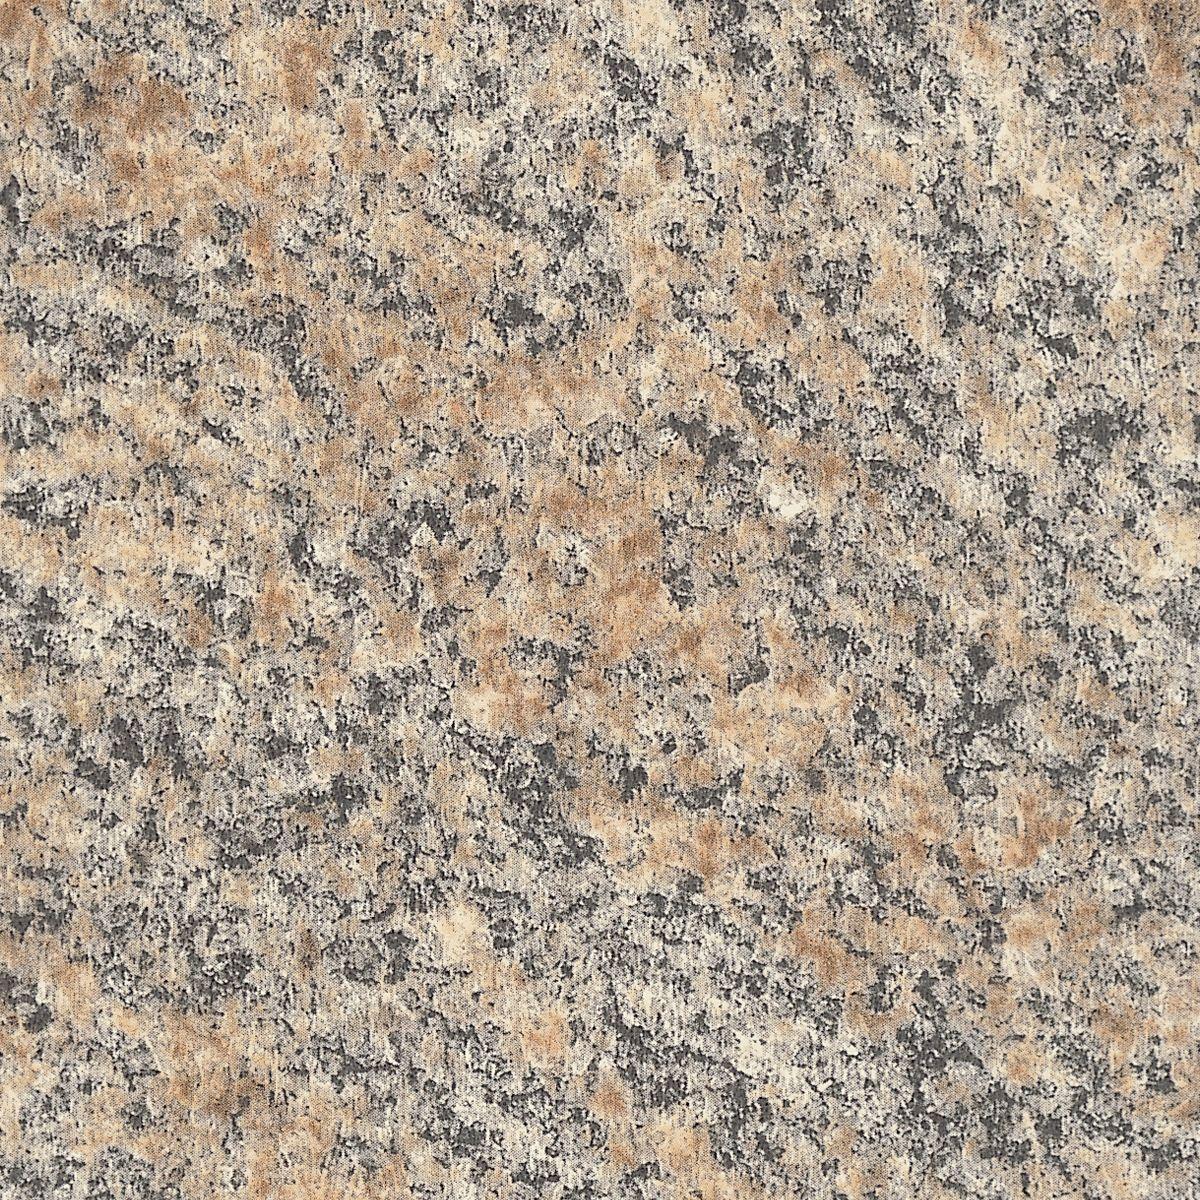 Formica Laminate Brazilian Brown Granite Brown Granite Laminate Countertops Formica Laminate